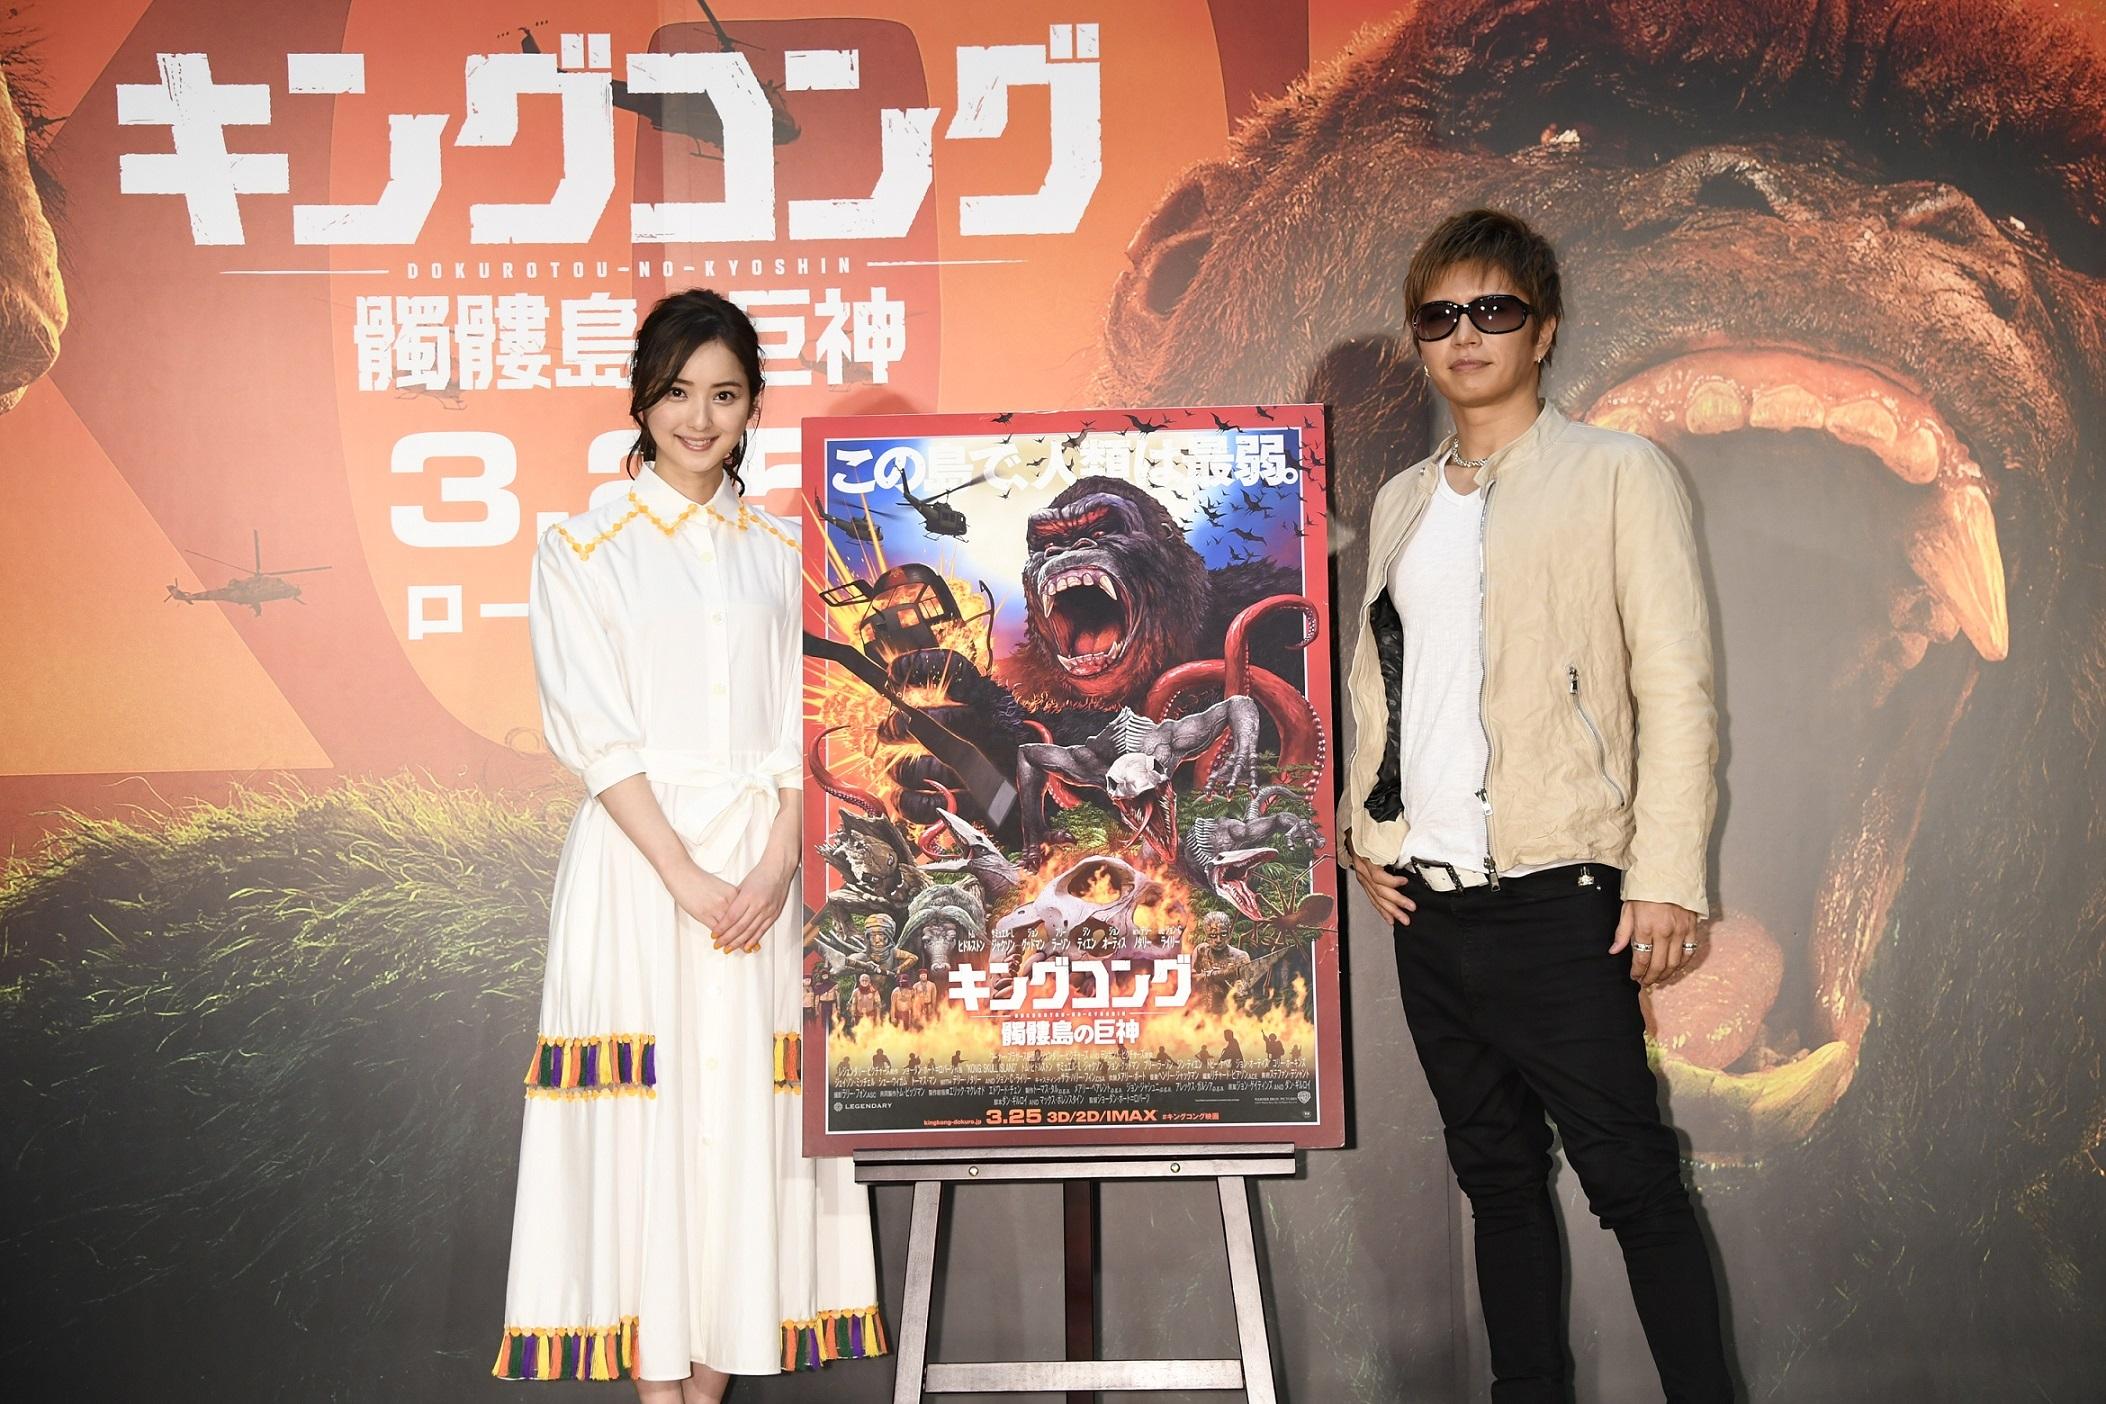 左から、佐々木希、GACKT 映画『キングコング:髑髏島の巨神』日本語吹替え版・公開アフレコイベント